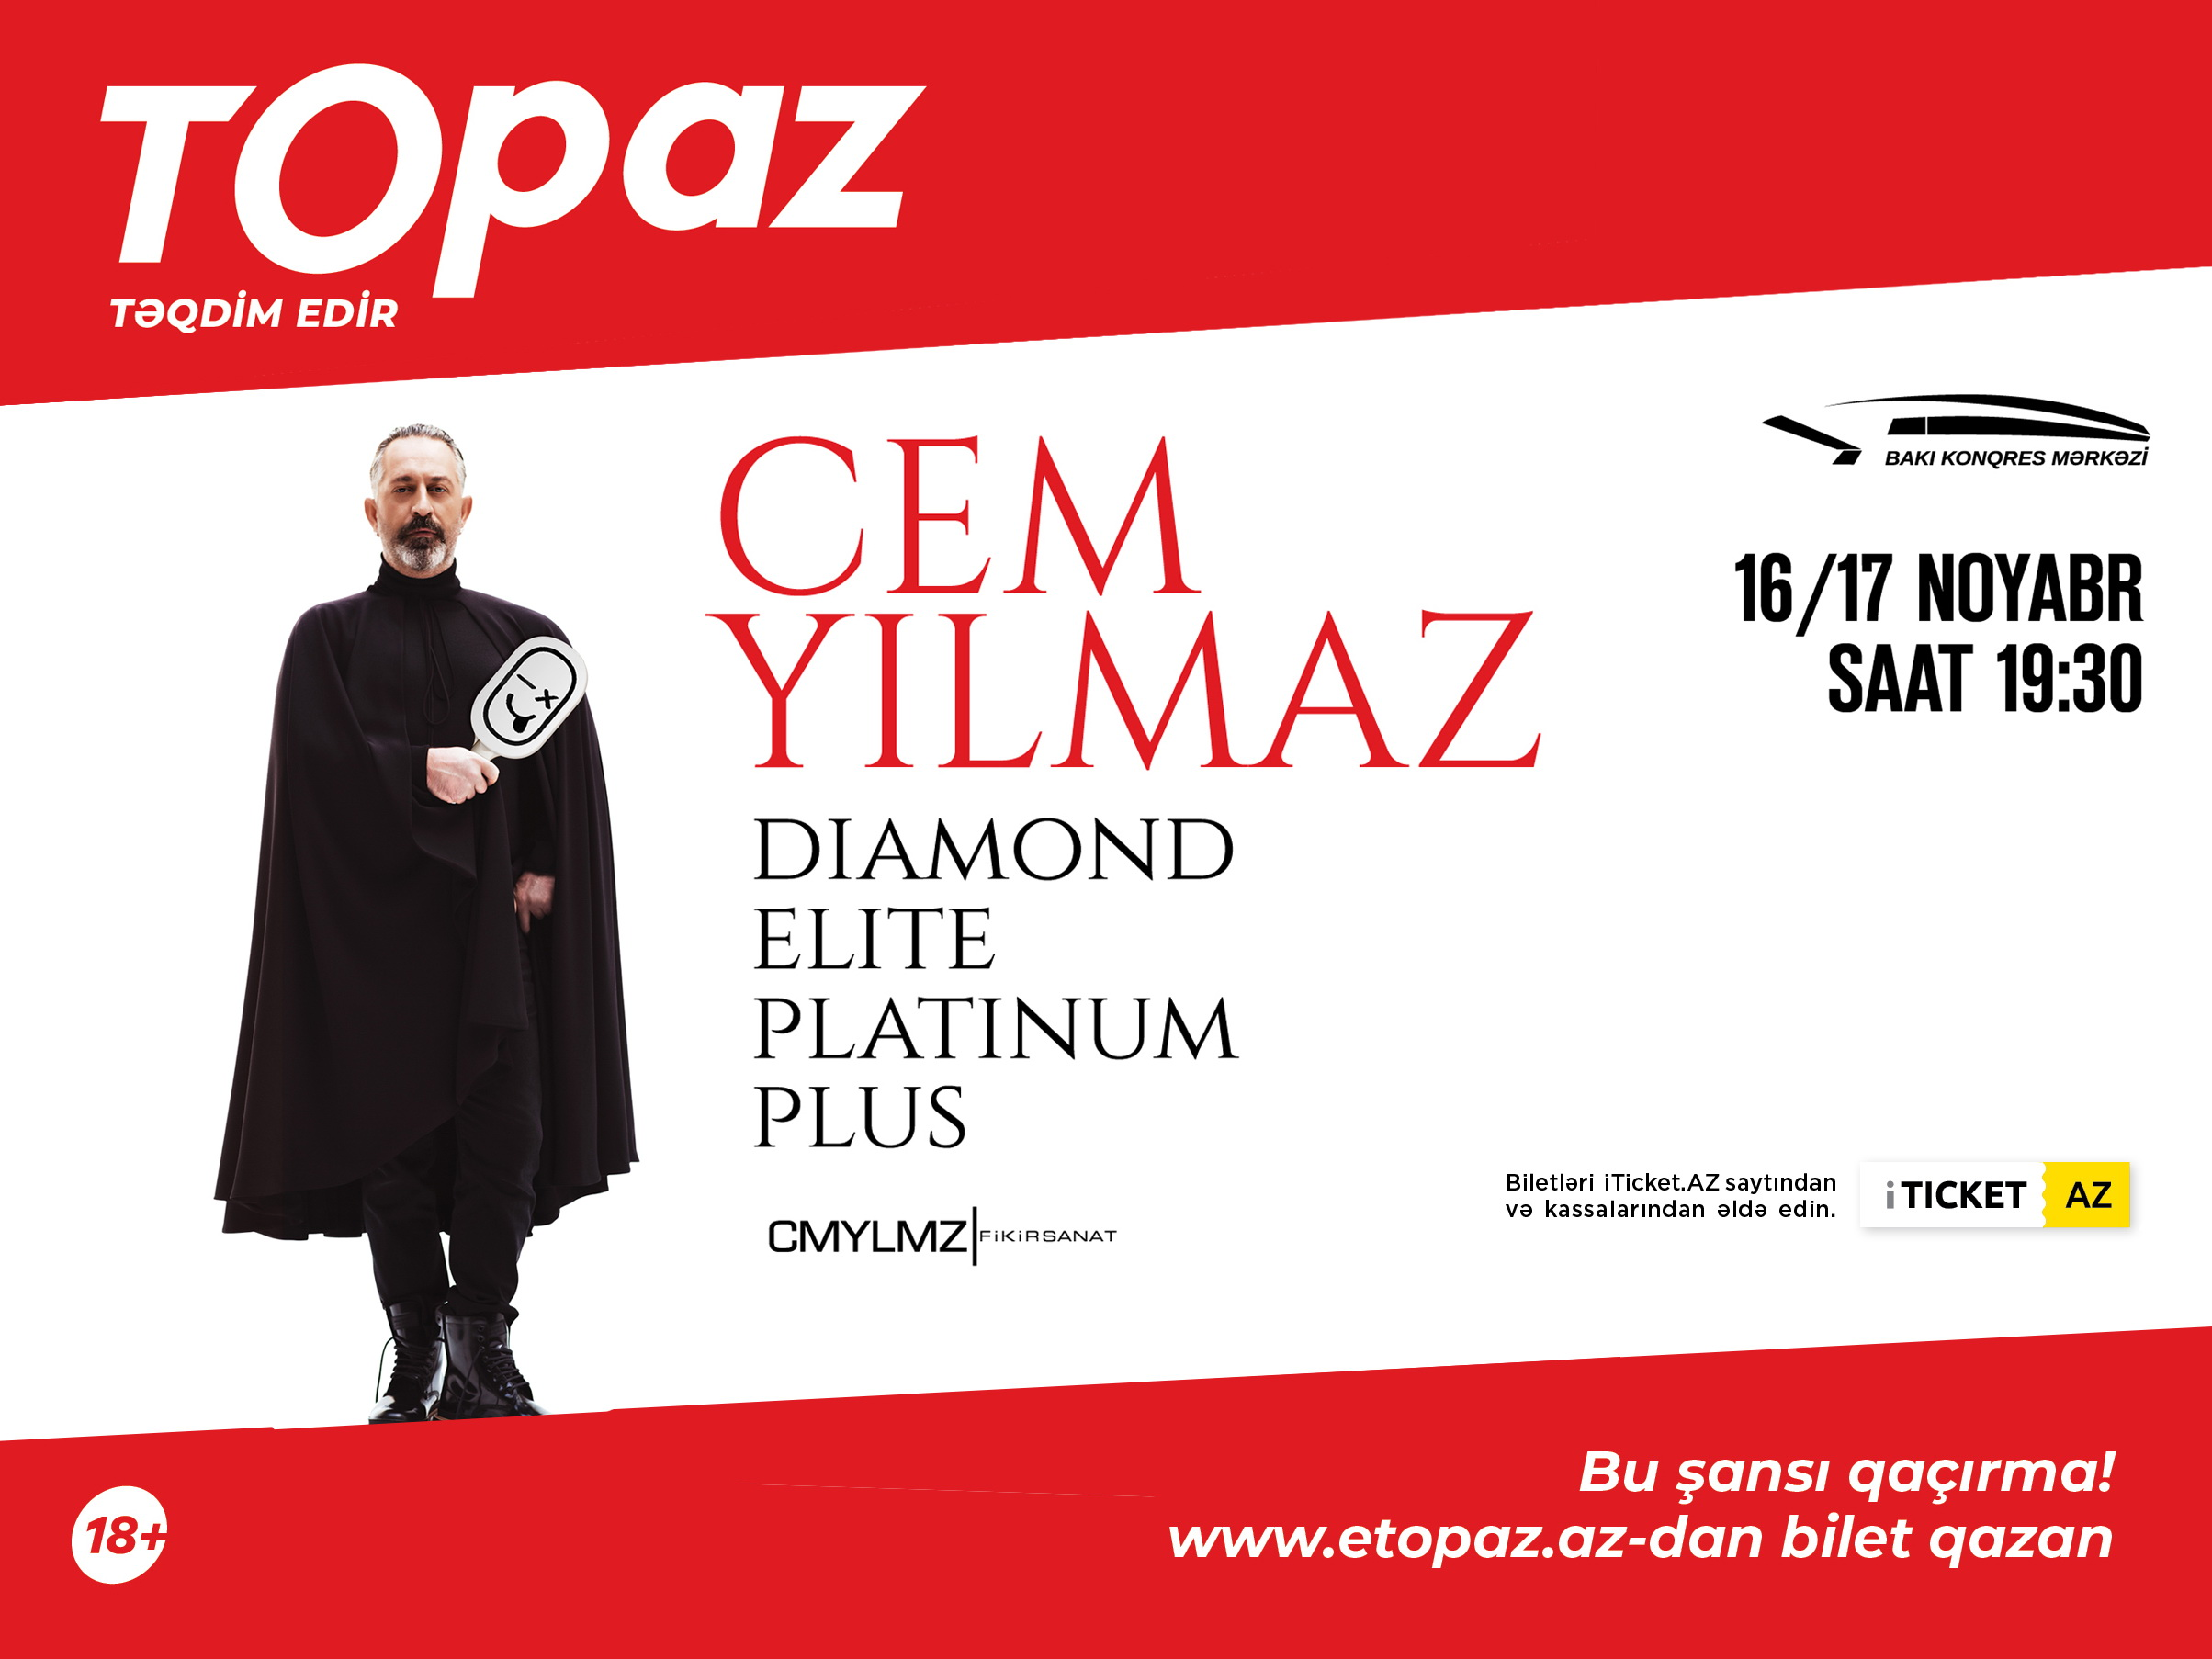 Джем Йылмаз выступит в Баку (18+) - ФОТО